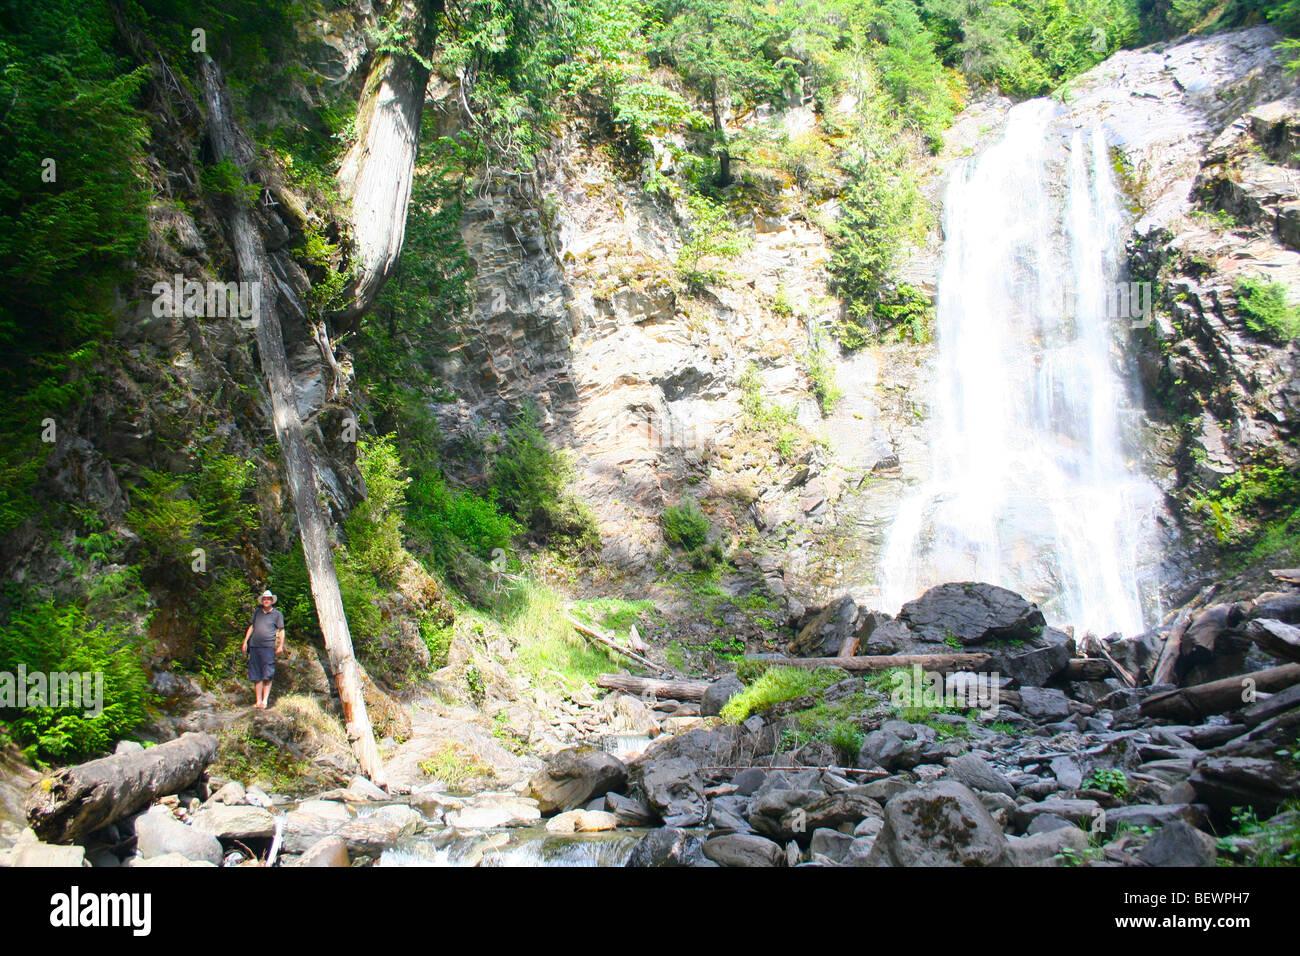 La cascata che si infrangono sulle rocce Foto Stock